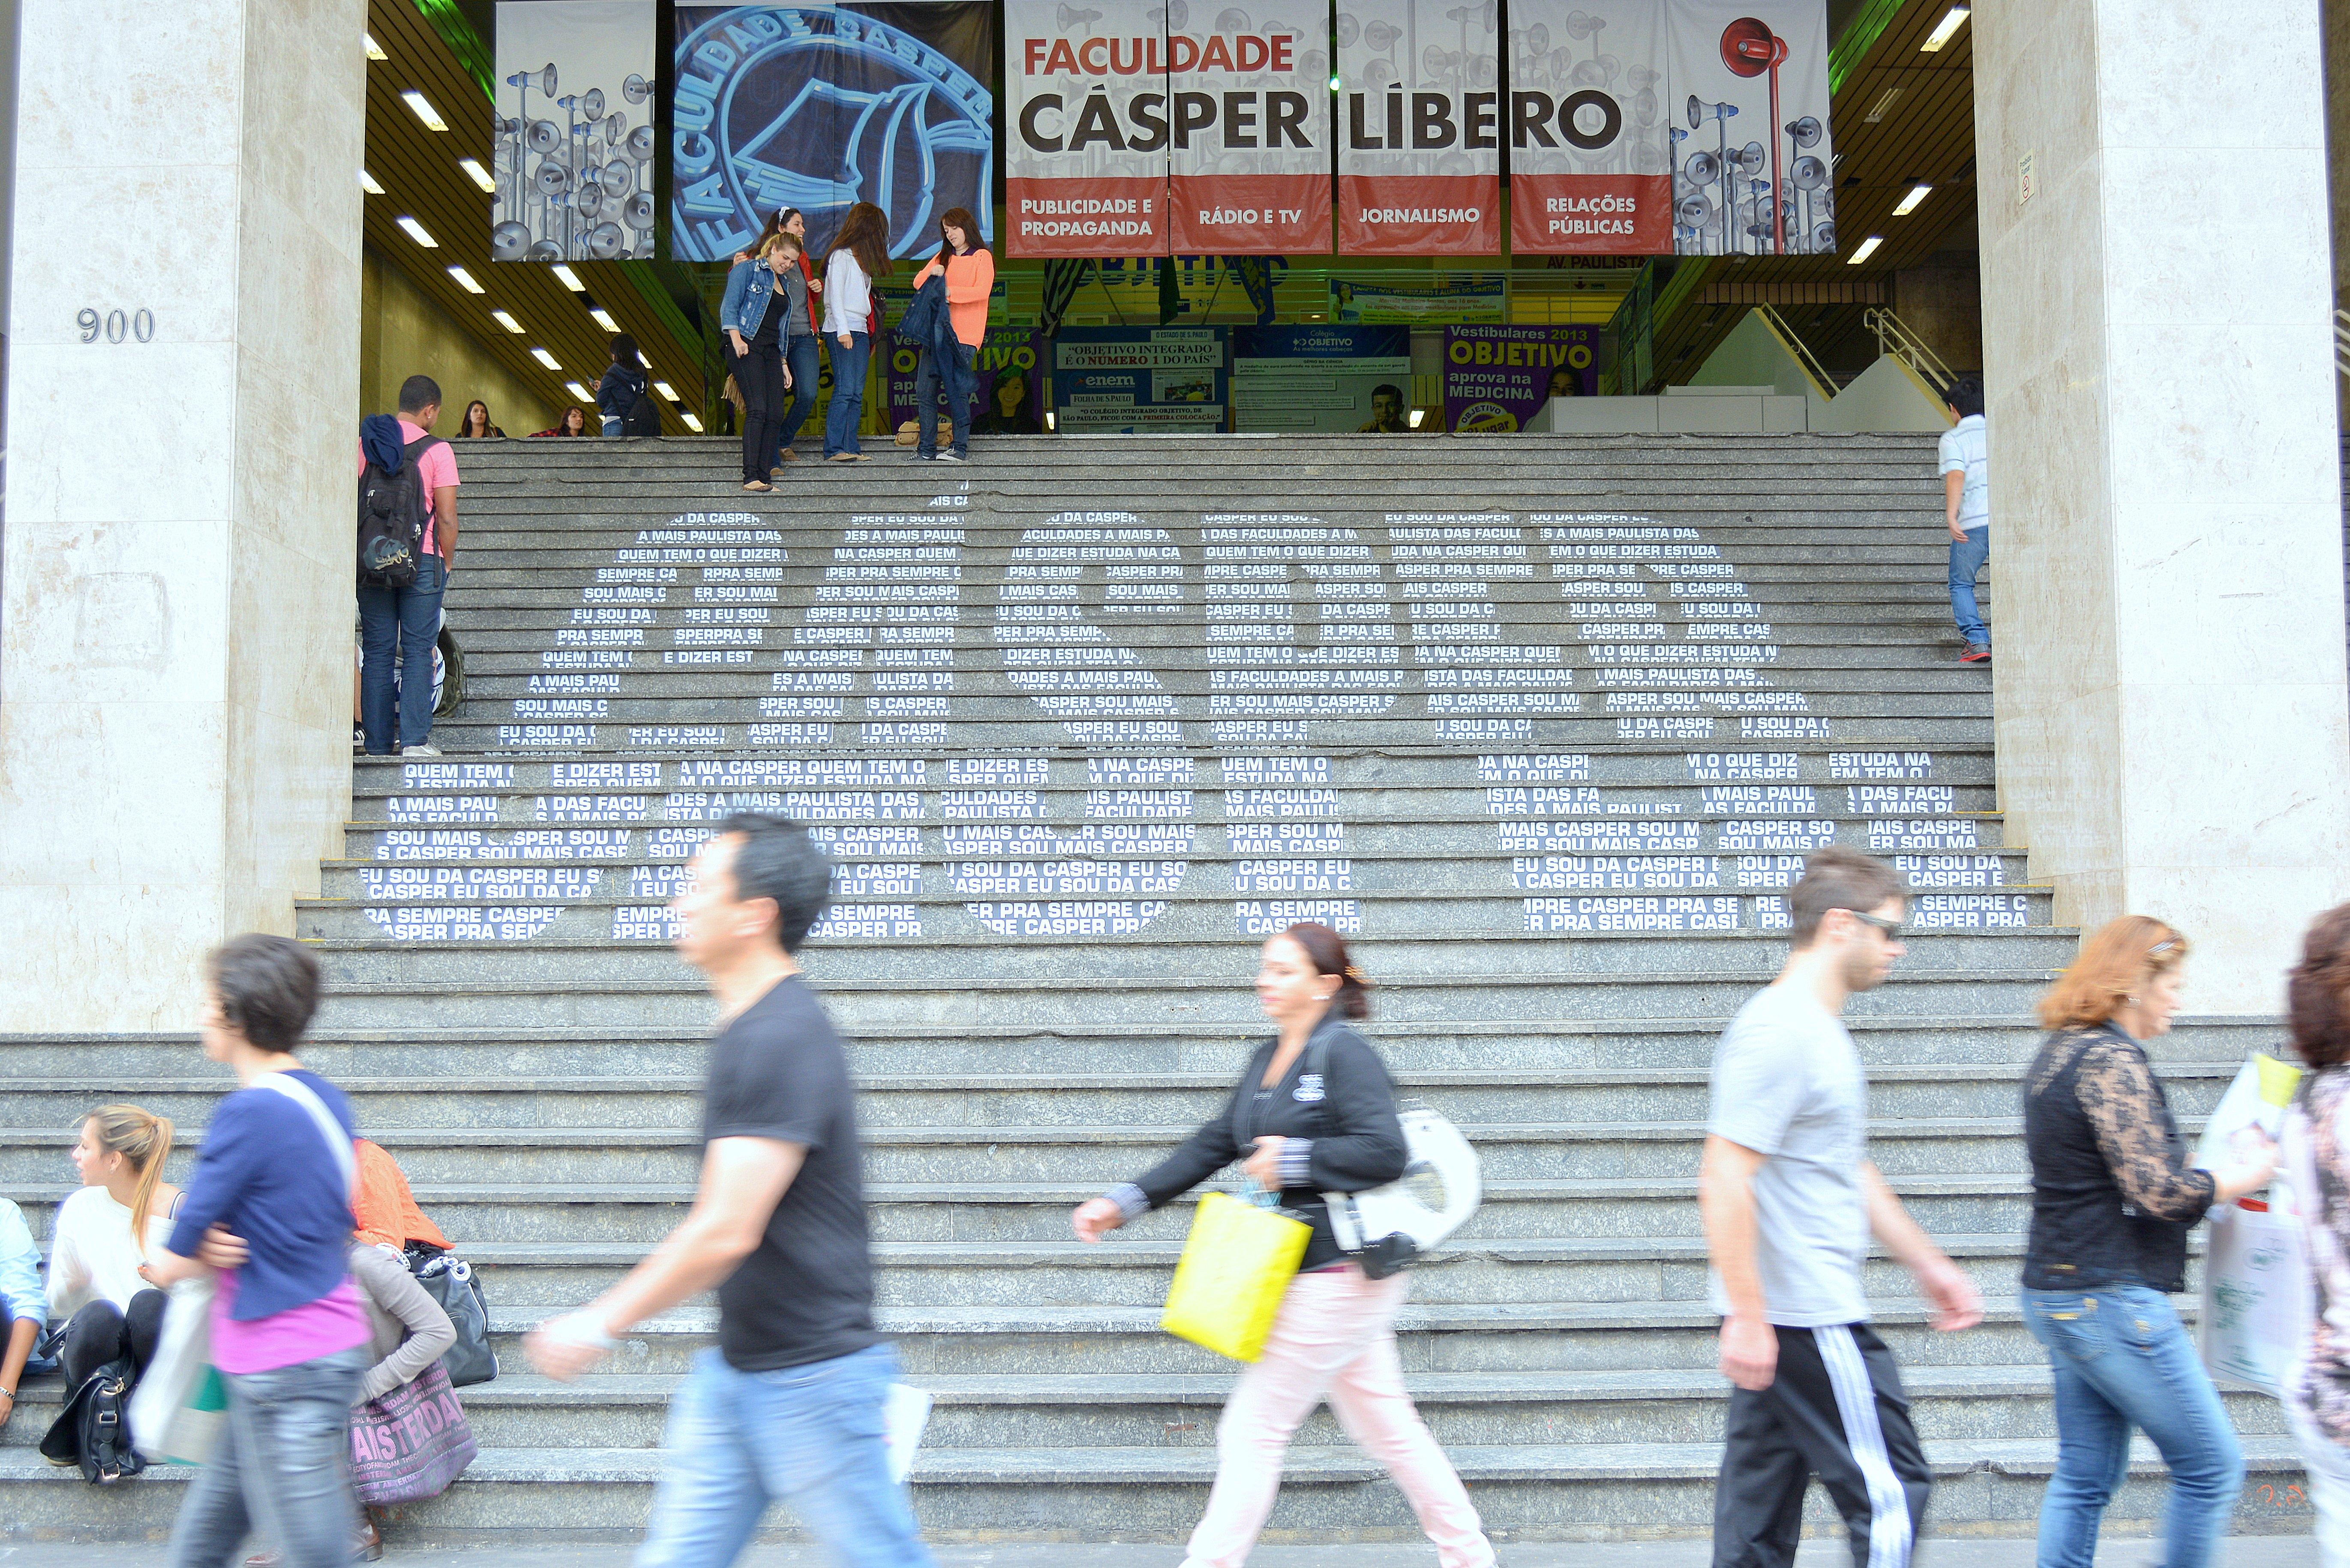 Foto: Reprodução/Divulgação Gustavo Carneir